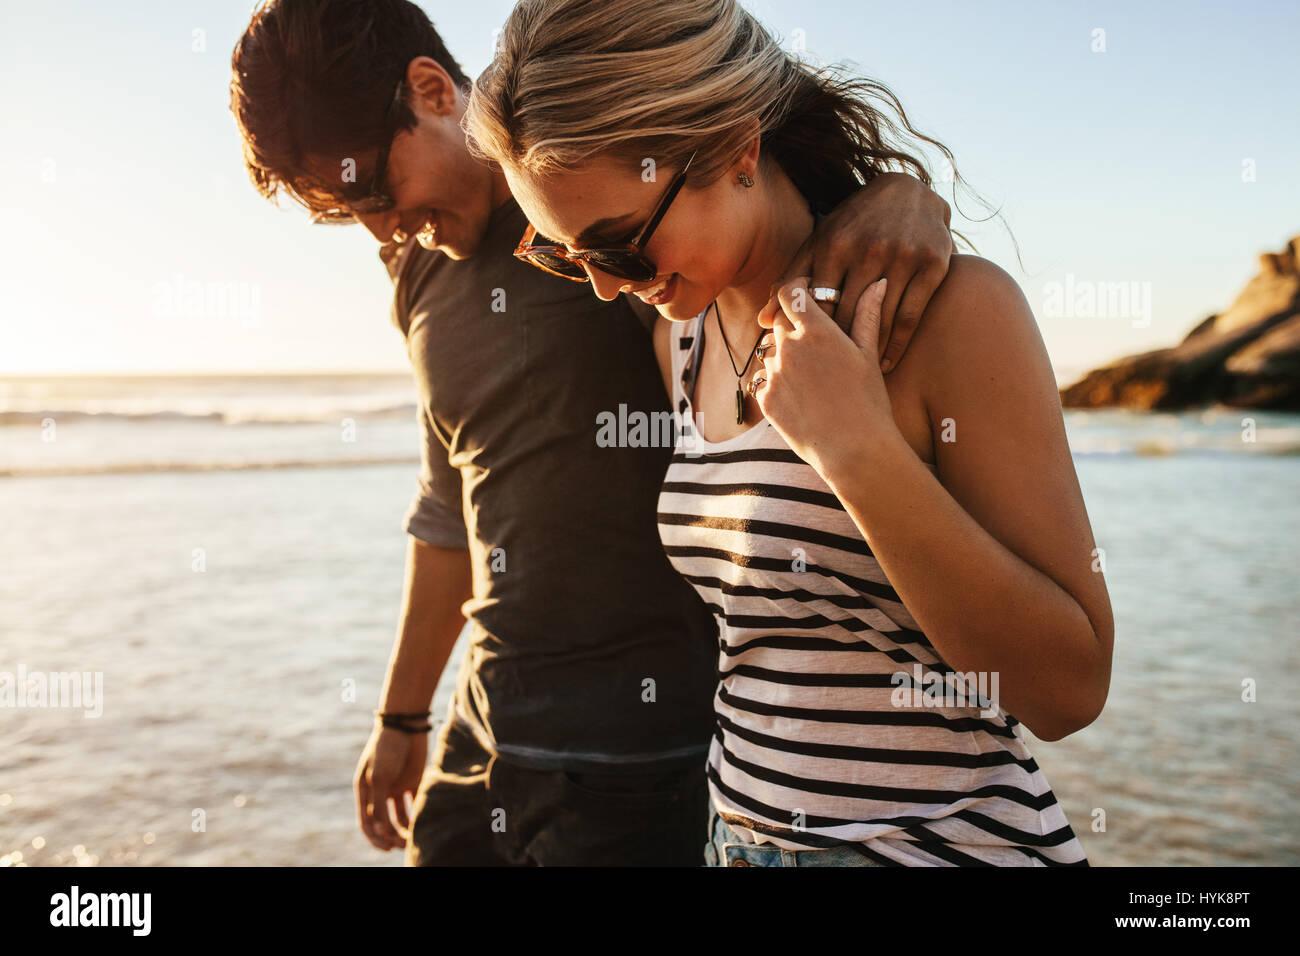 Porträt des jungen Brautpaares zu Fuß am Meer. Mann und Frau auf Urlaub am Meer. Stockbild